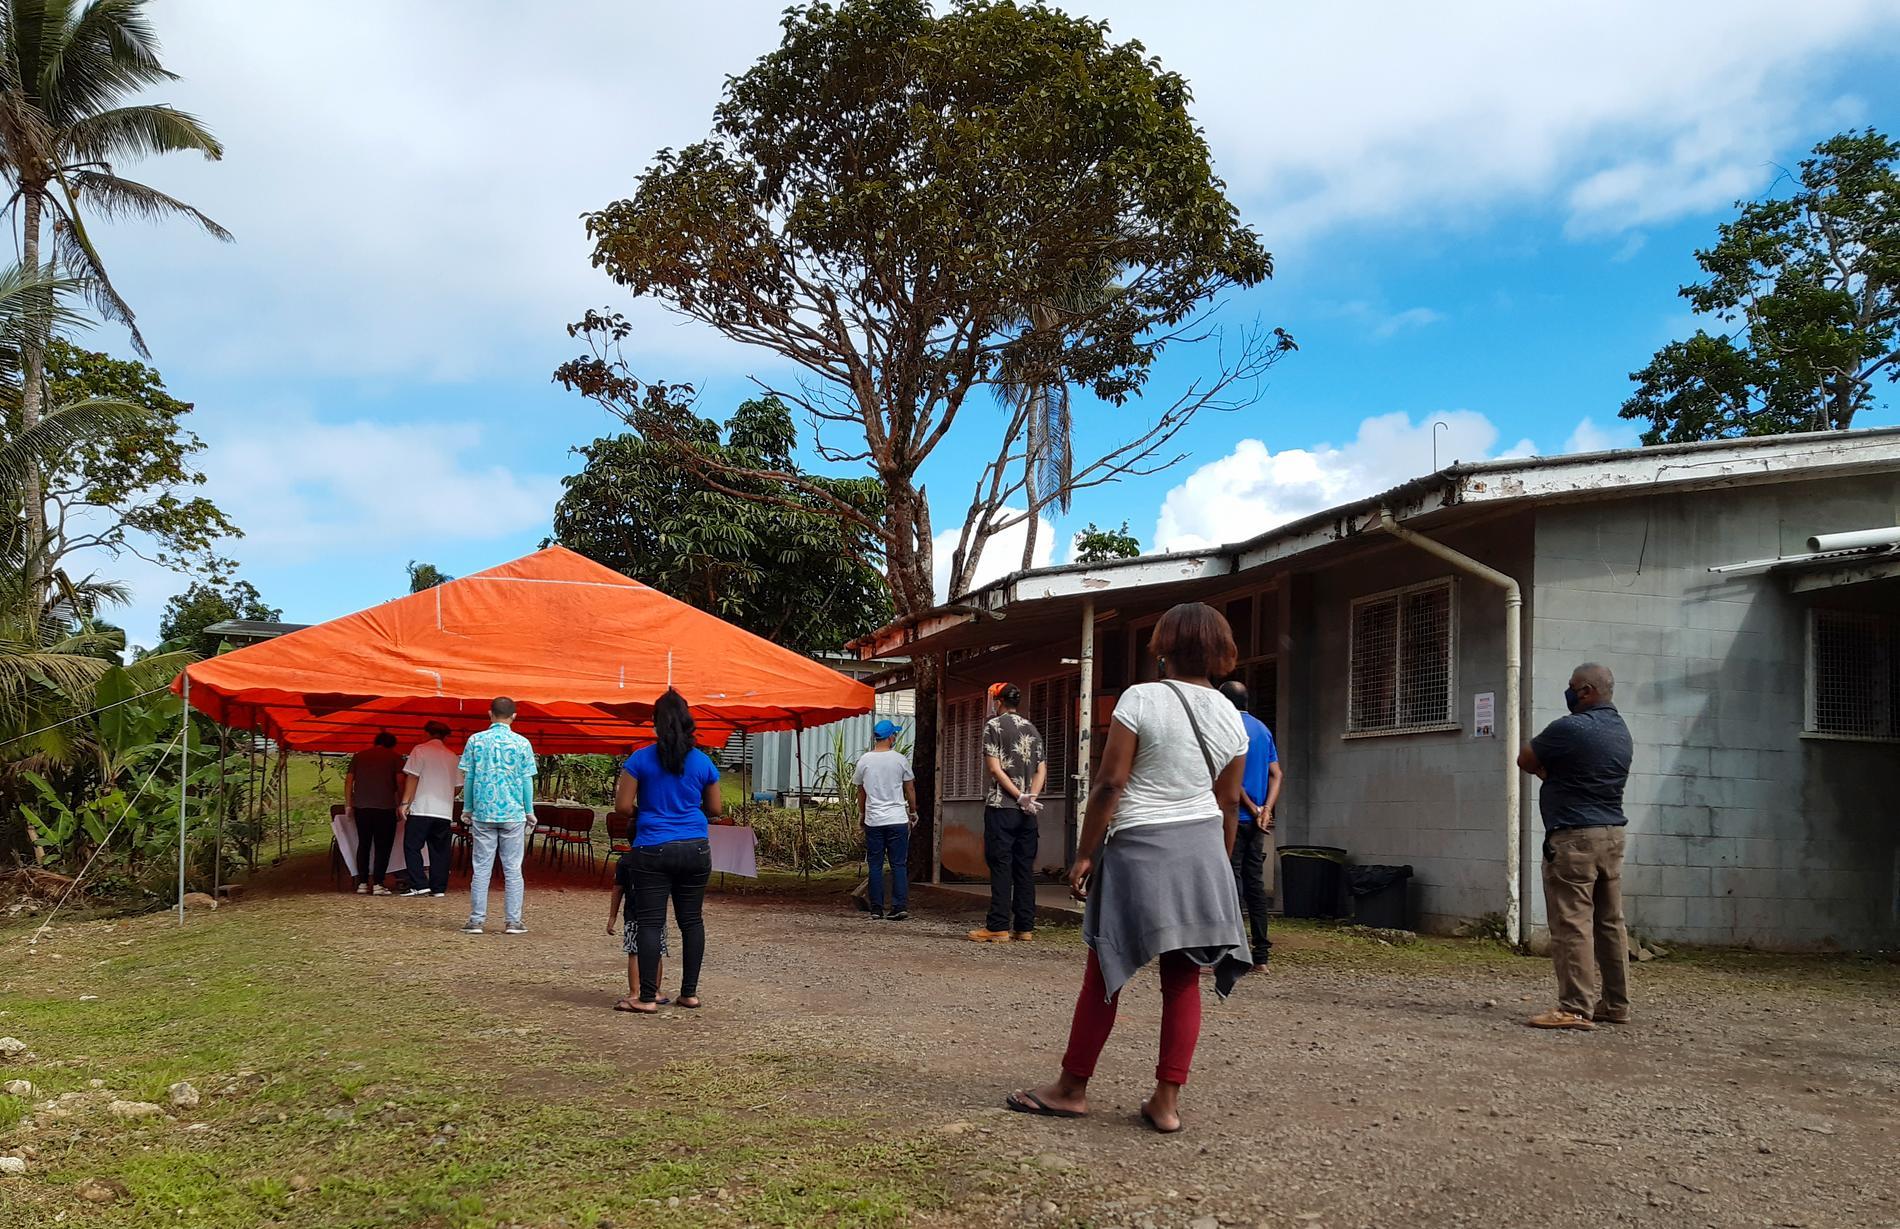 Den 28 juli var 20,5 procent av Fijis vuxna befolkning vaccinerad, en siffra som måste stiga till 80 procent innan man kan överväga att öppna upp.